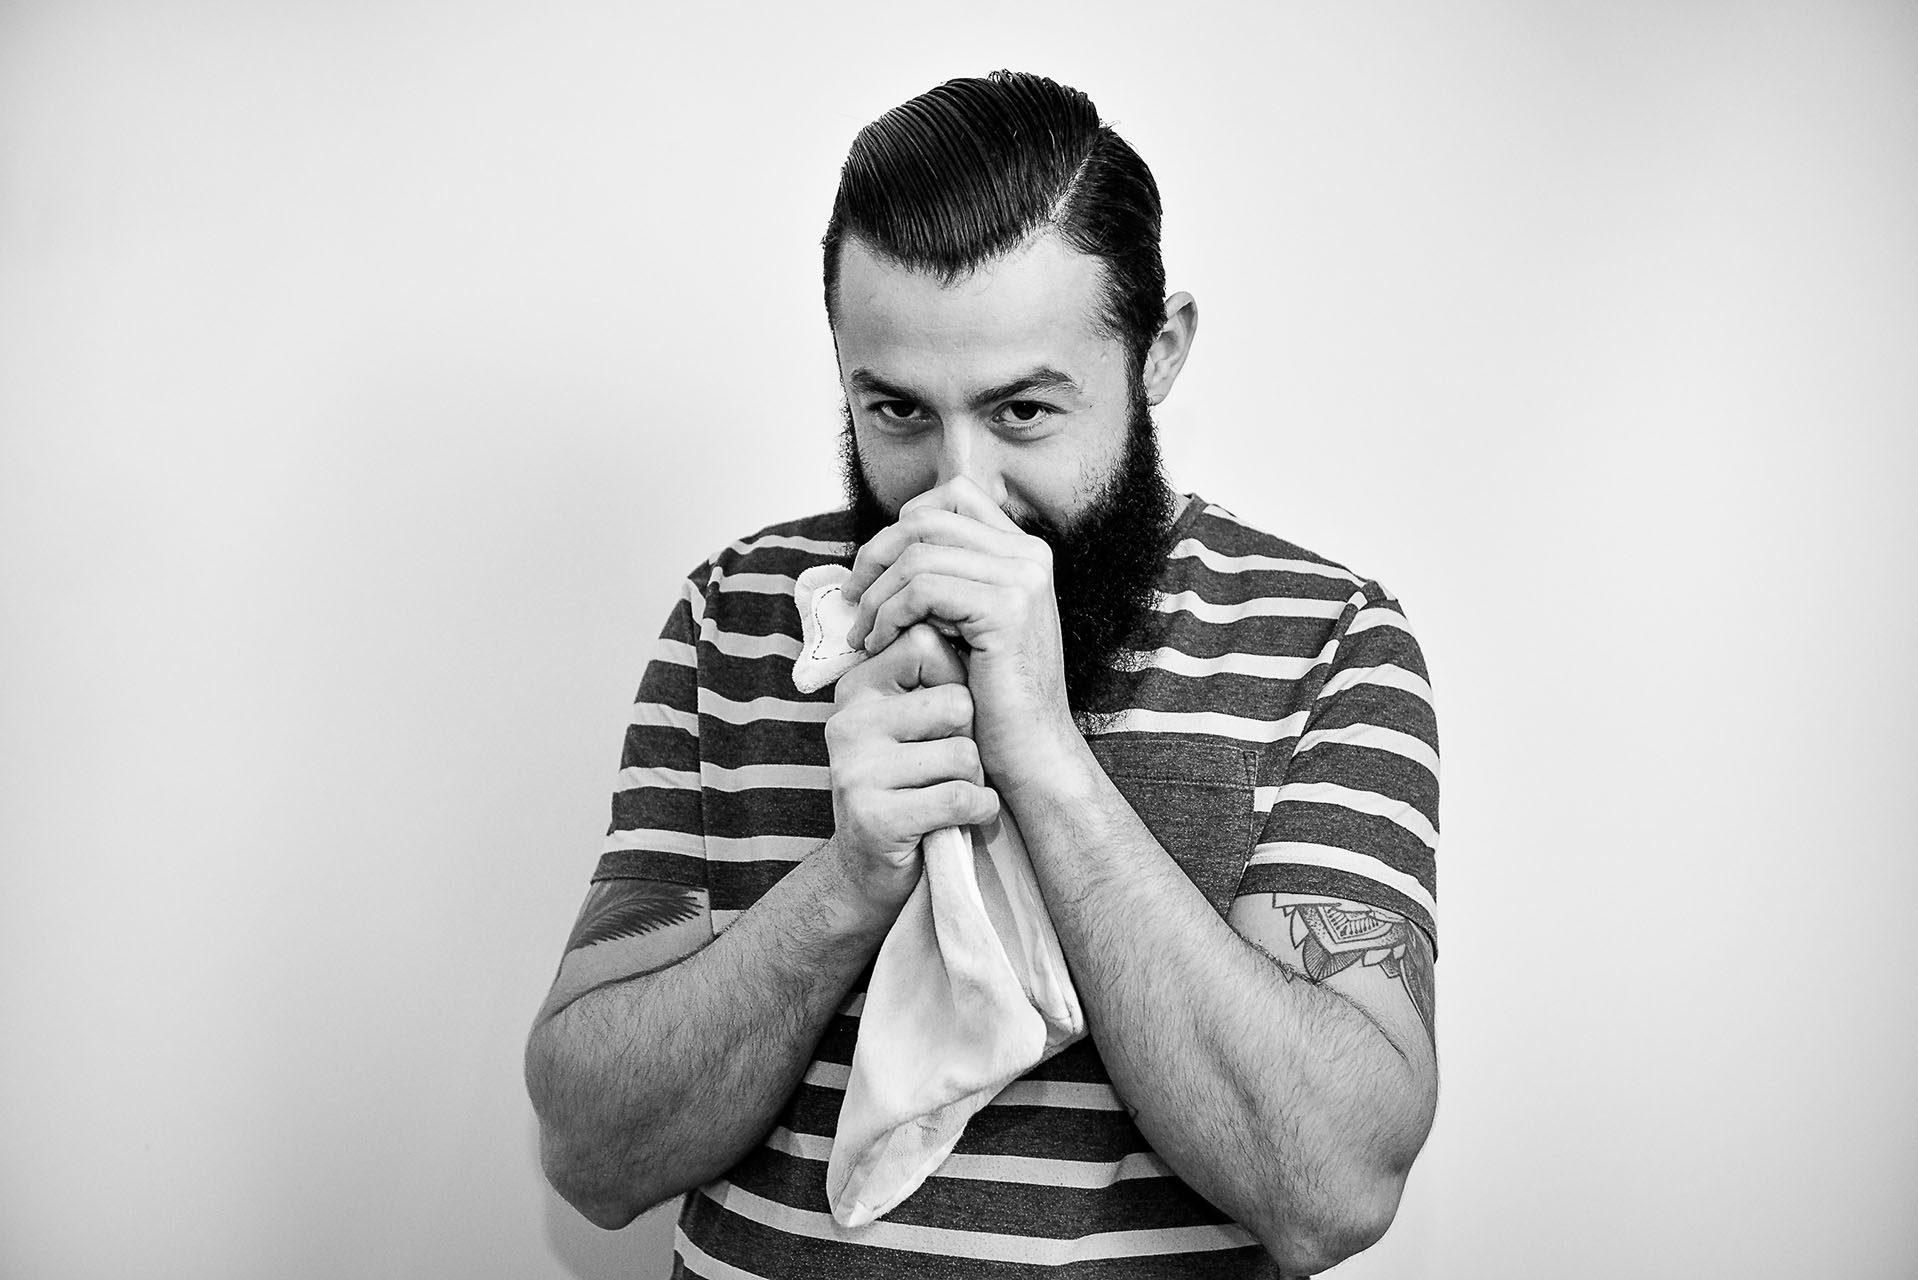 photographe-ile-de-france-portraits-maternite-nicolas-paris